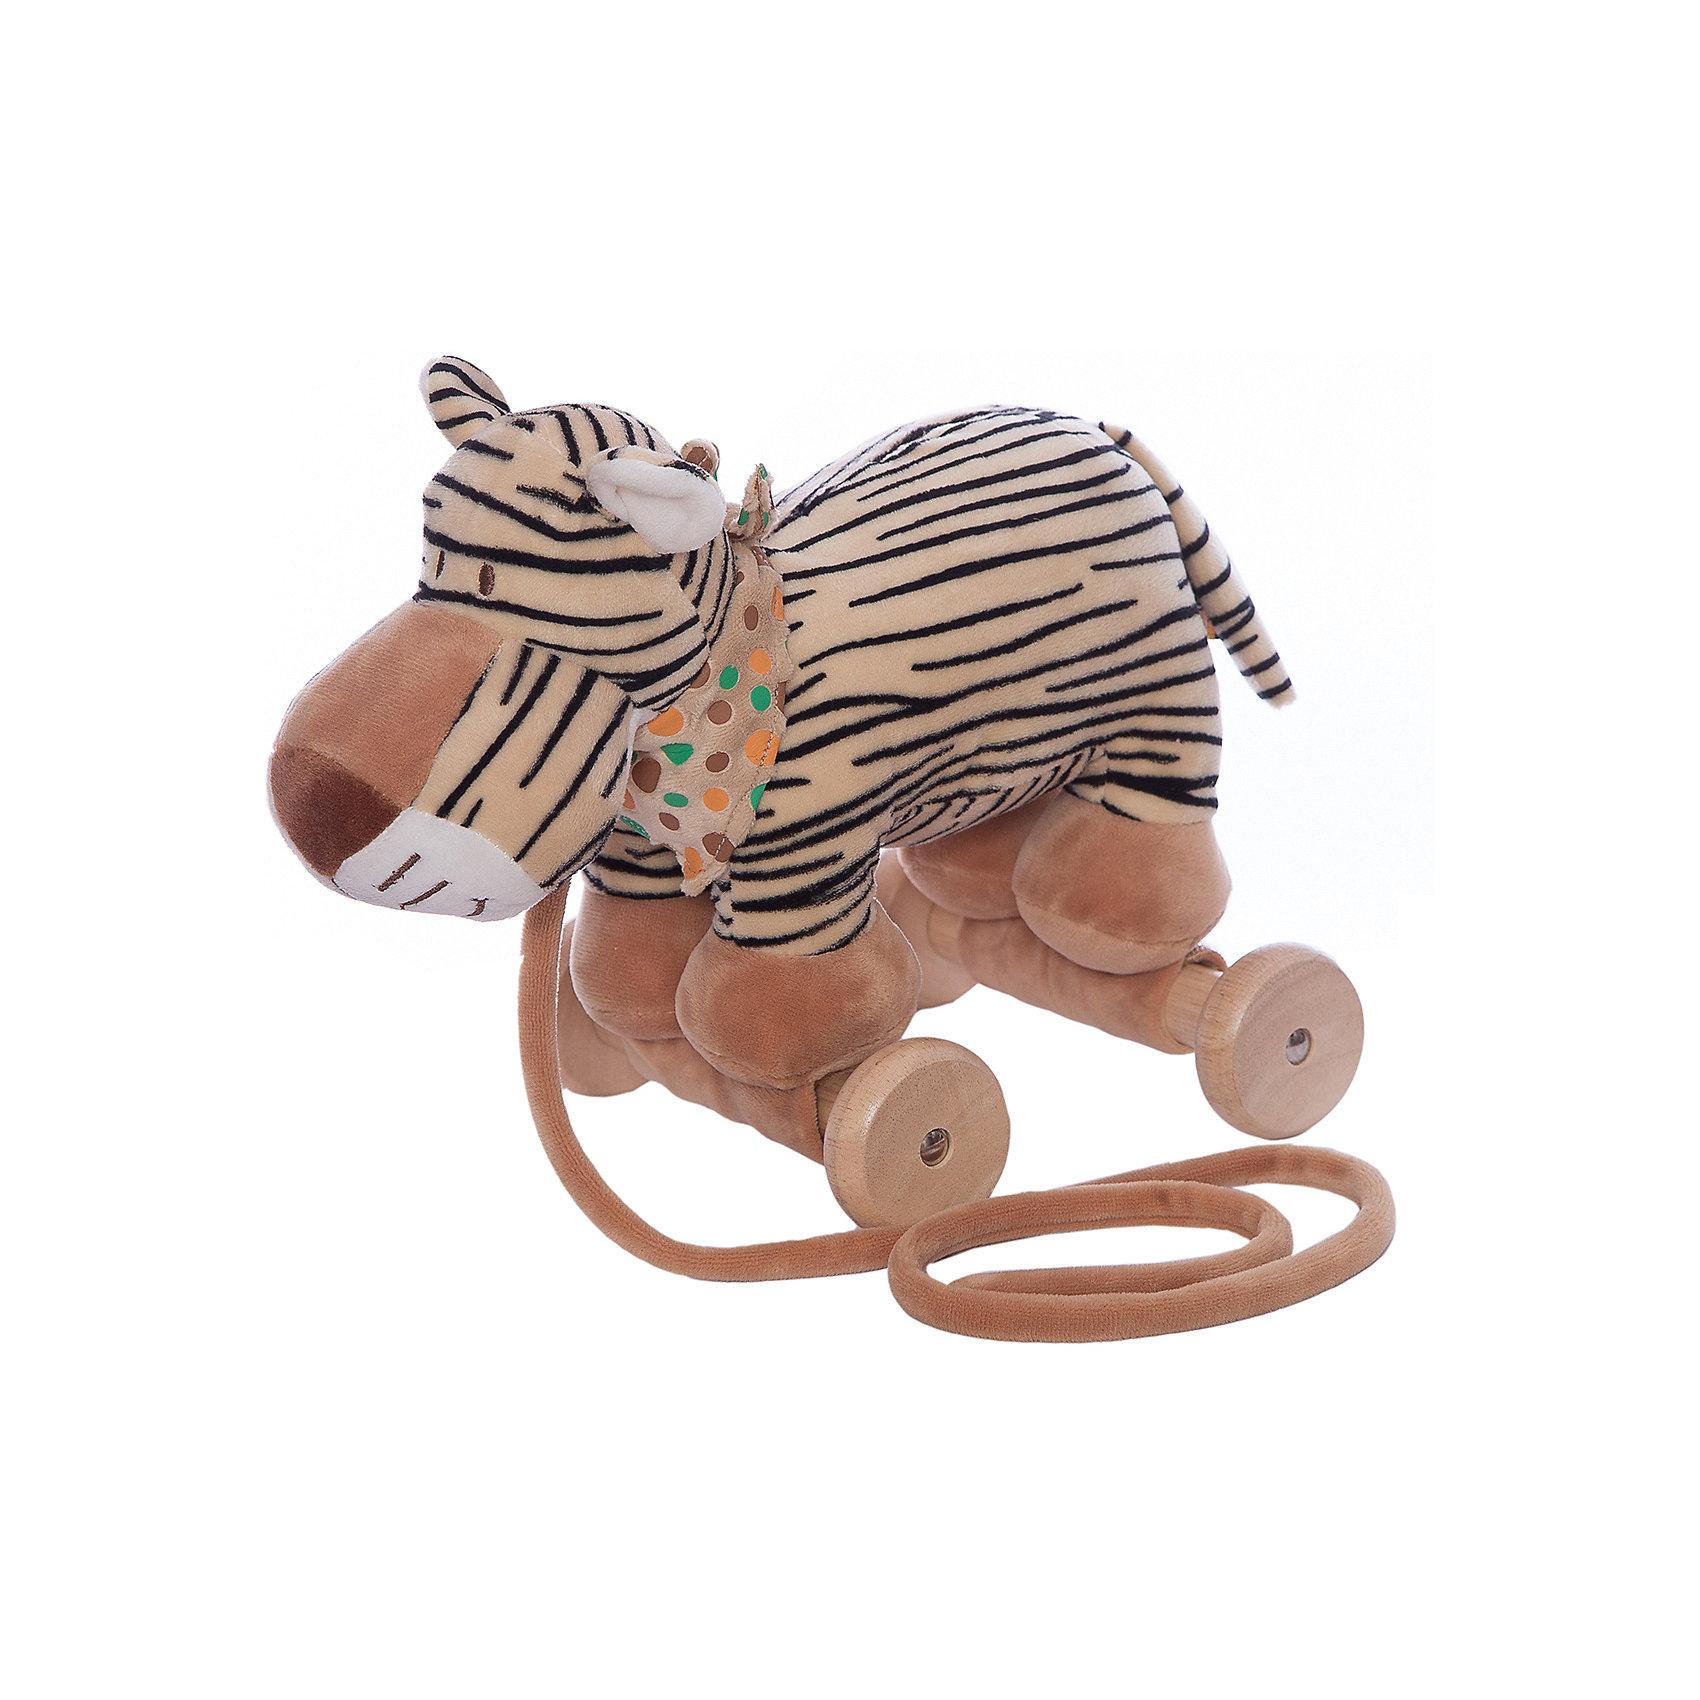 Динглисар Каталка Тигр, ДинглисарИгрушки-каталки<br>Характеристики детской каталки Teddykompaniet: <br><br>• материал: 100% хлопок (велюр), дерево;<br>• серия: Динглисар;<br>• тип каталки: на веревочке.<br><br>Игрушку-каталку «Тигр» из серии «Динглисар» малыши тянут за веревочку. Благодаря деревянным колесикам, которые расположены на широком шасси, игрушка устойчива, легко едет по ровной поверхности. В процессе игры развивается координация движений, пространственное восприятие, образное мышление. <br><br>Каталку Тигр, Динглисар можно купить в нашем интернет-магазине.<br><br>Ширина мм: 320<br>Глубина мм: 320<br>Высота мм: 320<br>Вес г: 200<br>Возраст от месяцев: 0<br>Возраст до месяцев: 12<br>Пол: Унисекс<br>Возраст: Детский<br>SKU: 5220847